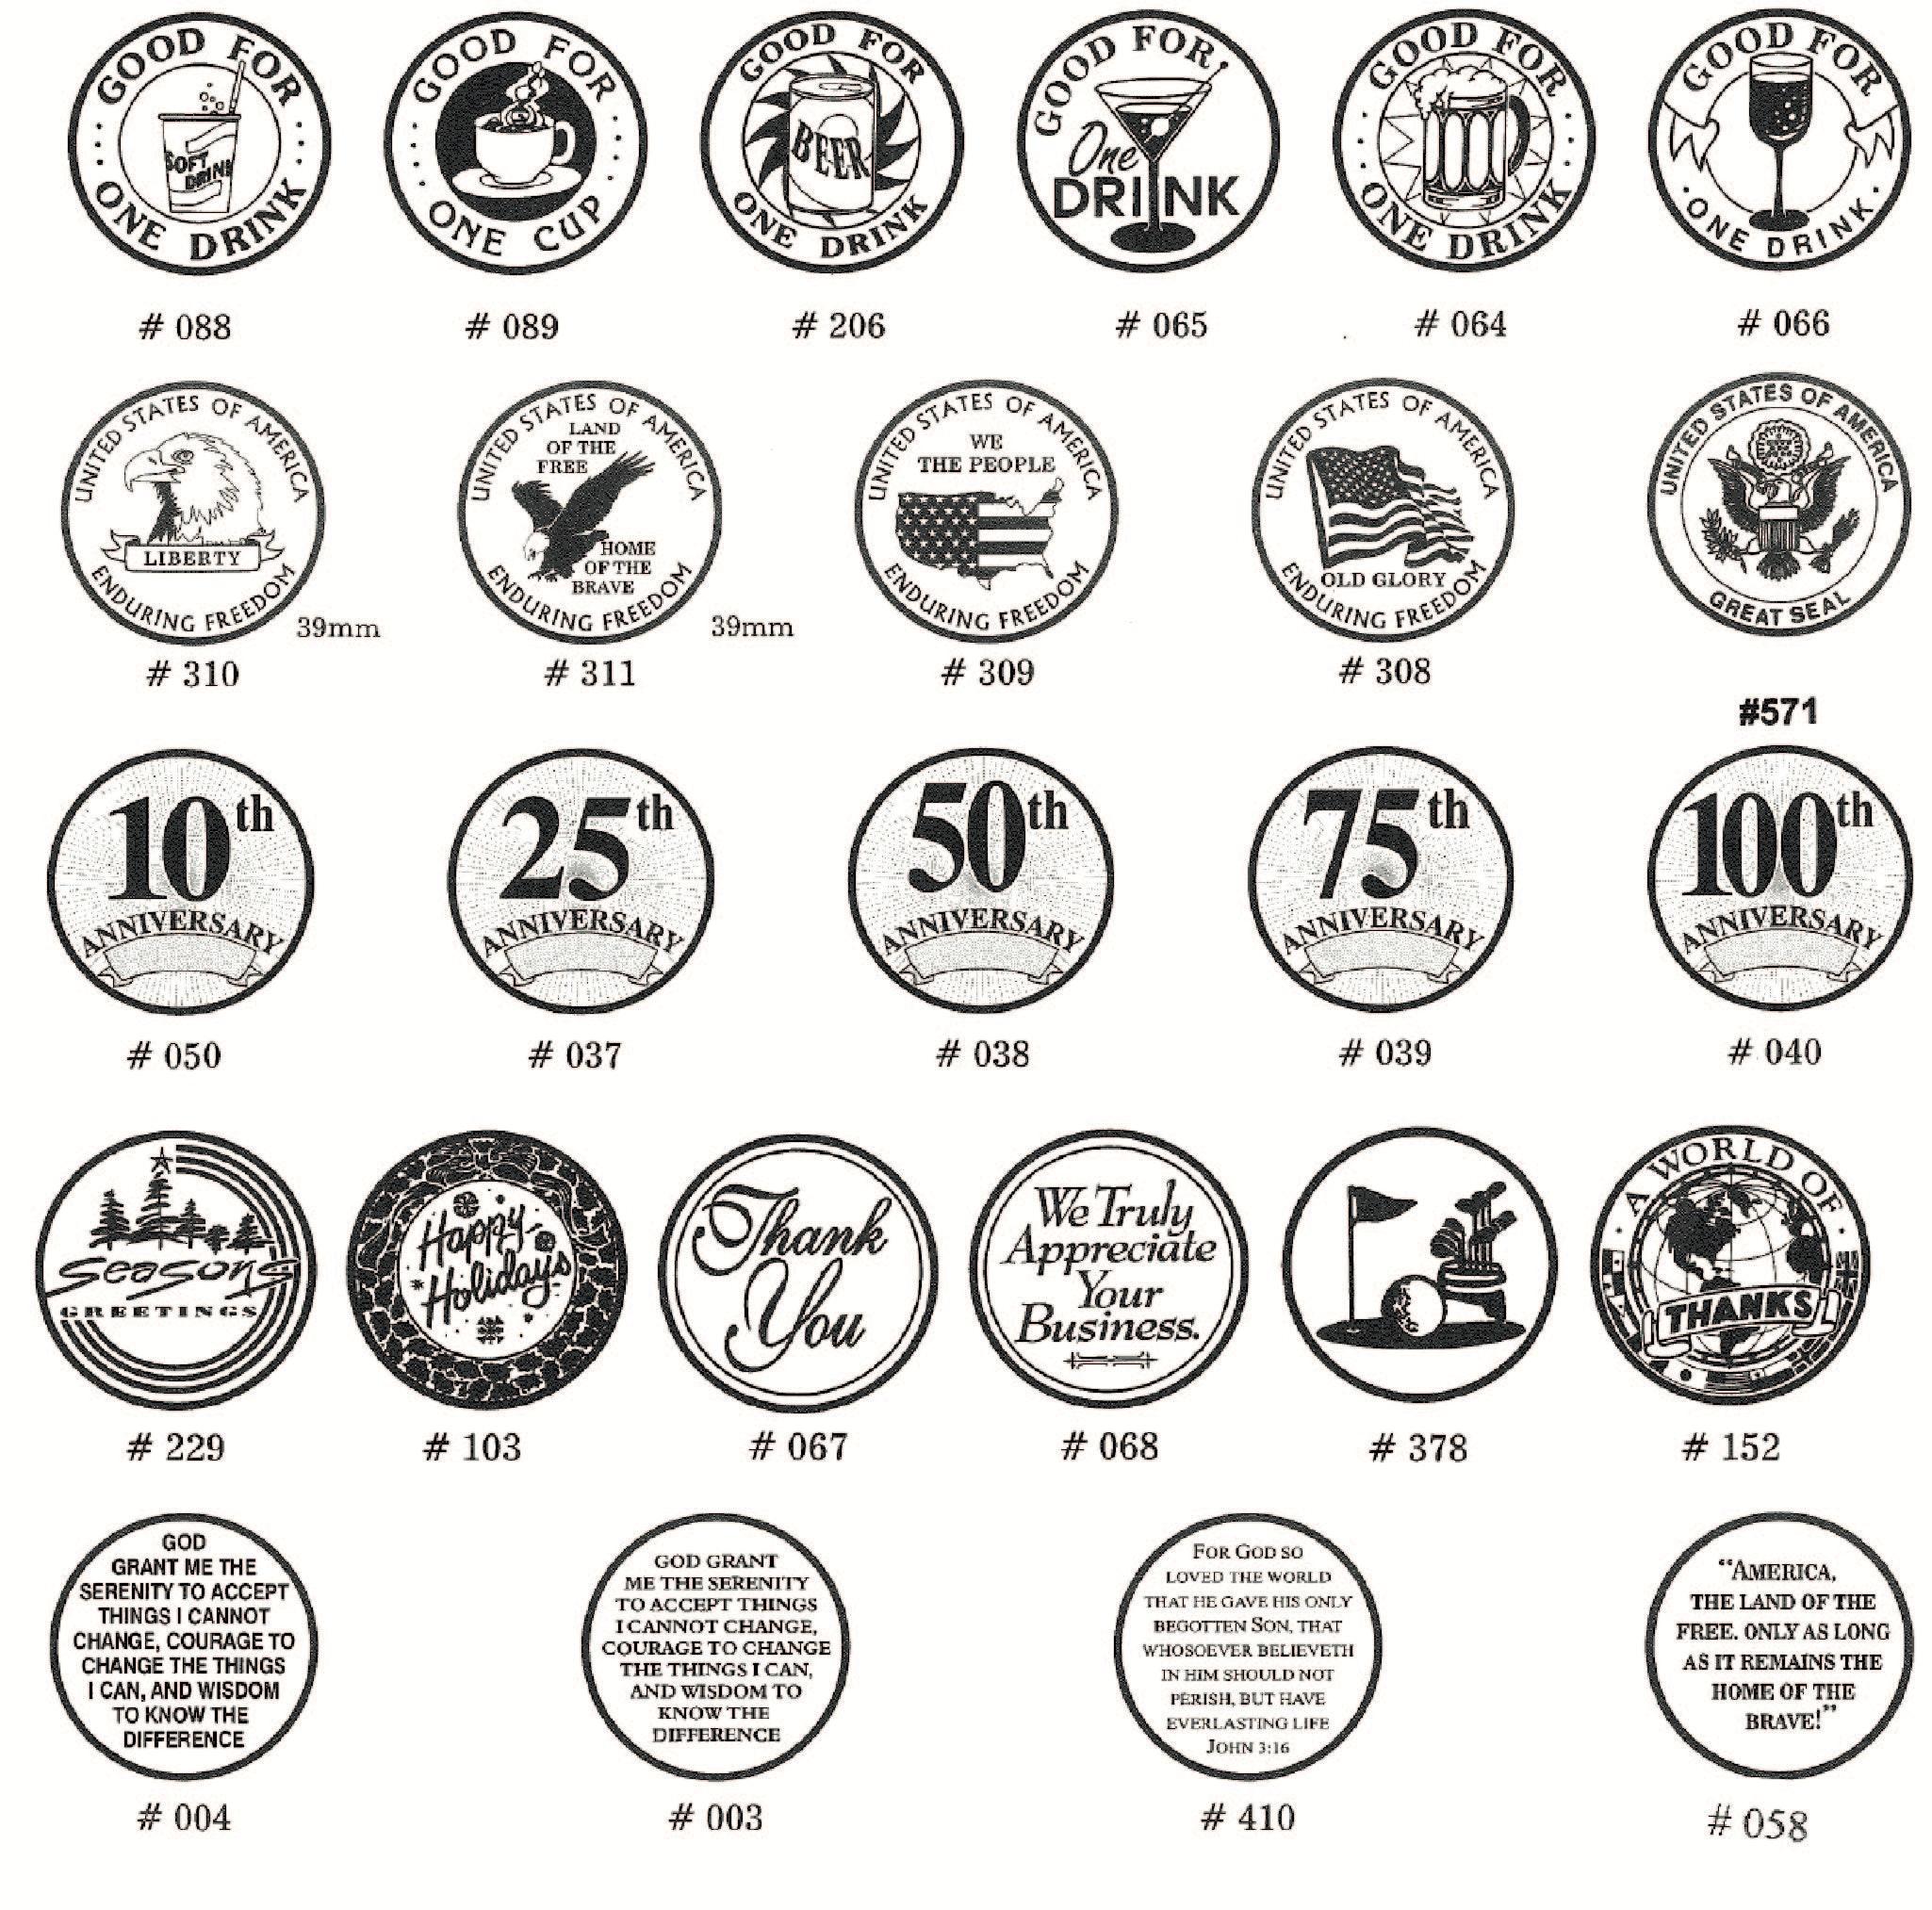 http://files.b-token.us/files/379/original/Aluminium tokens standard designs.jpg?1568362494